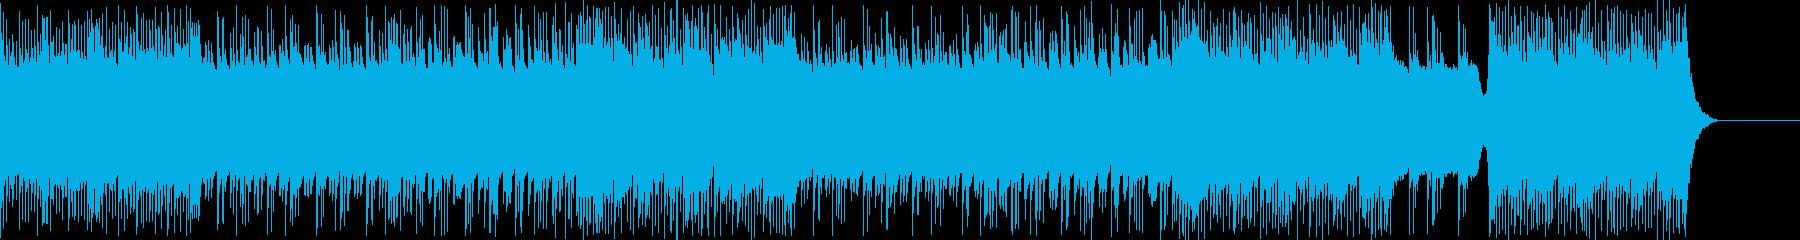 民族系/808/Beats/歌唱用/#3の再生済みの波形